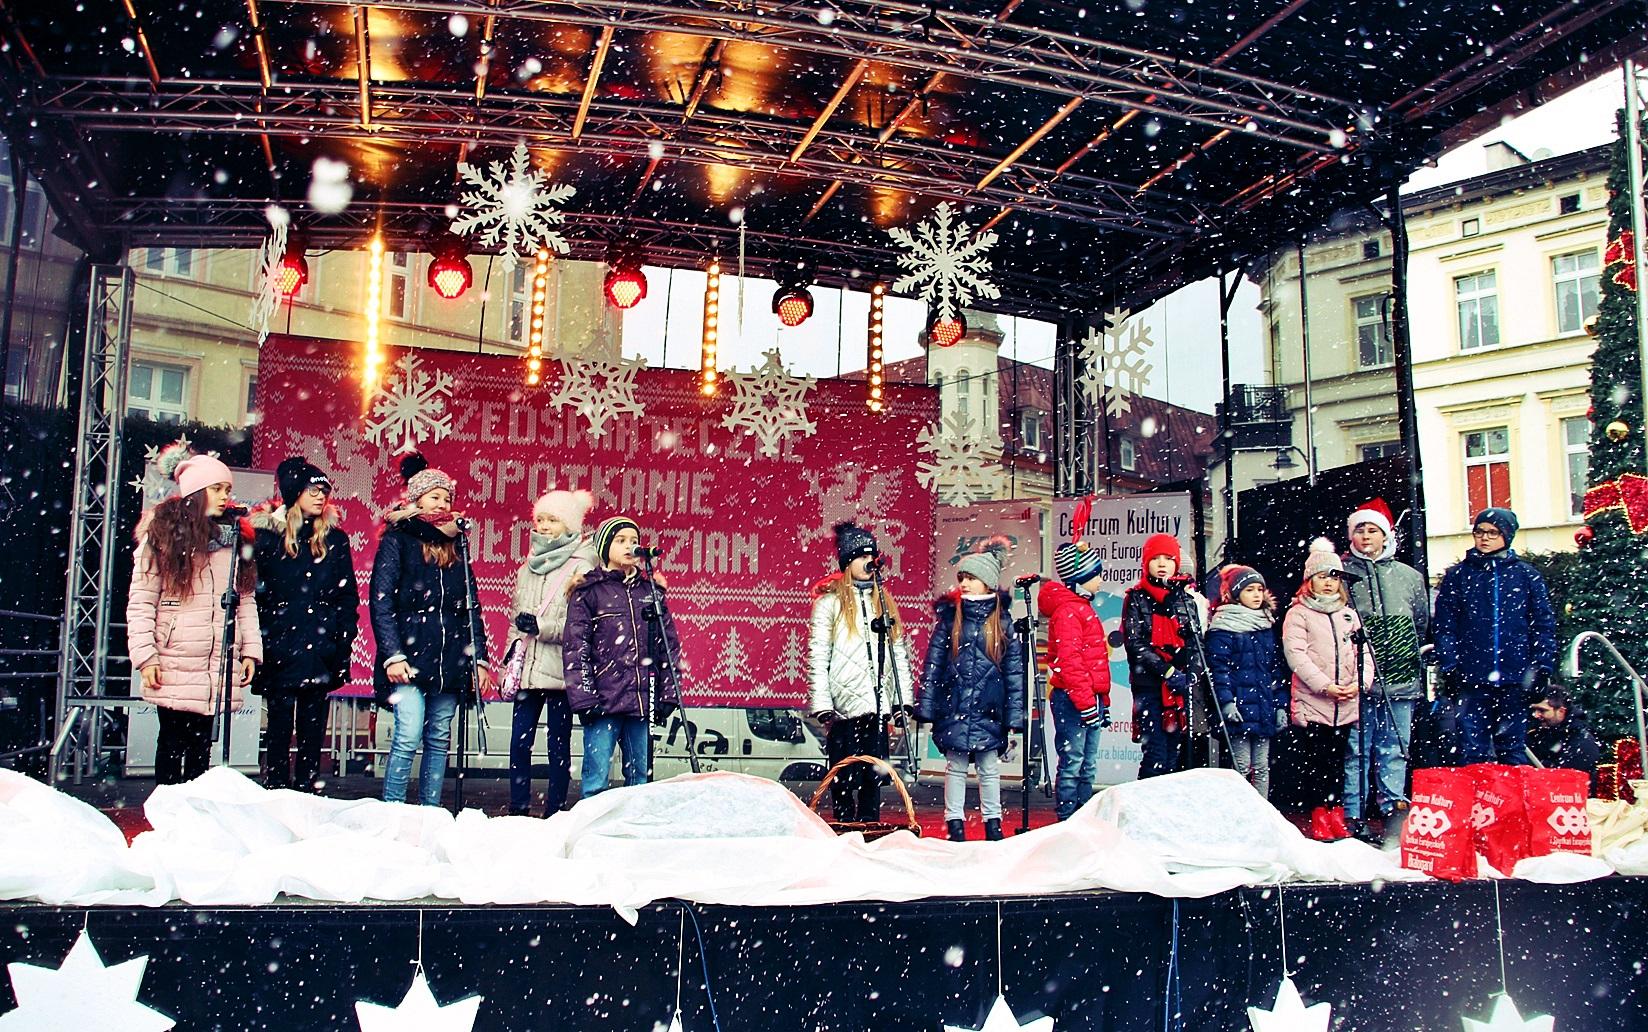 Urokliwie i prawdziwie świątecznie!, Miasto Białogard